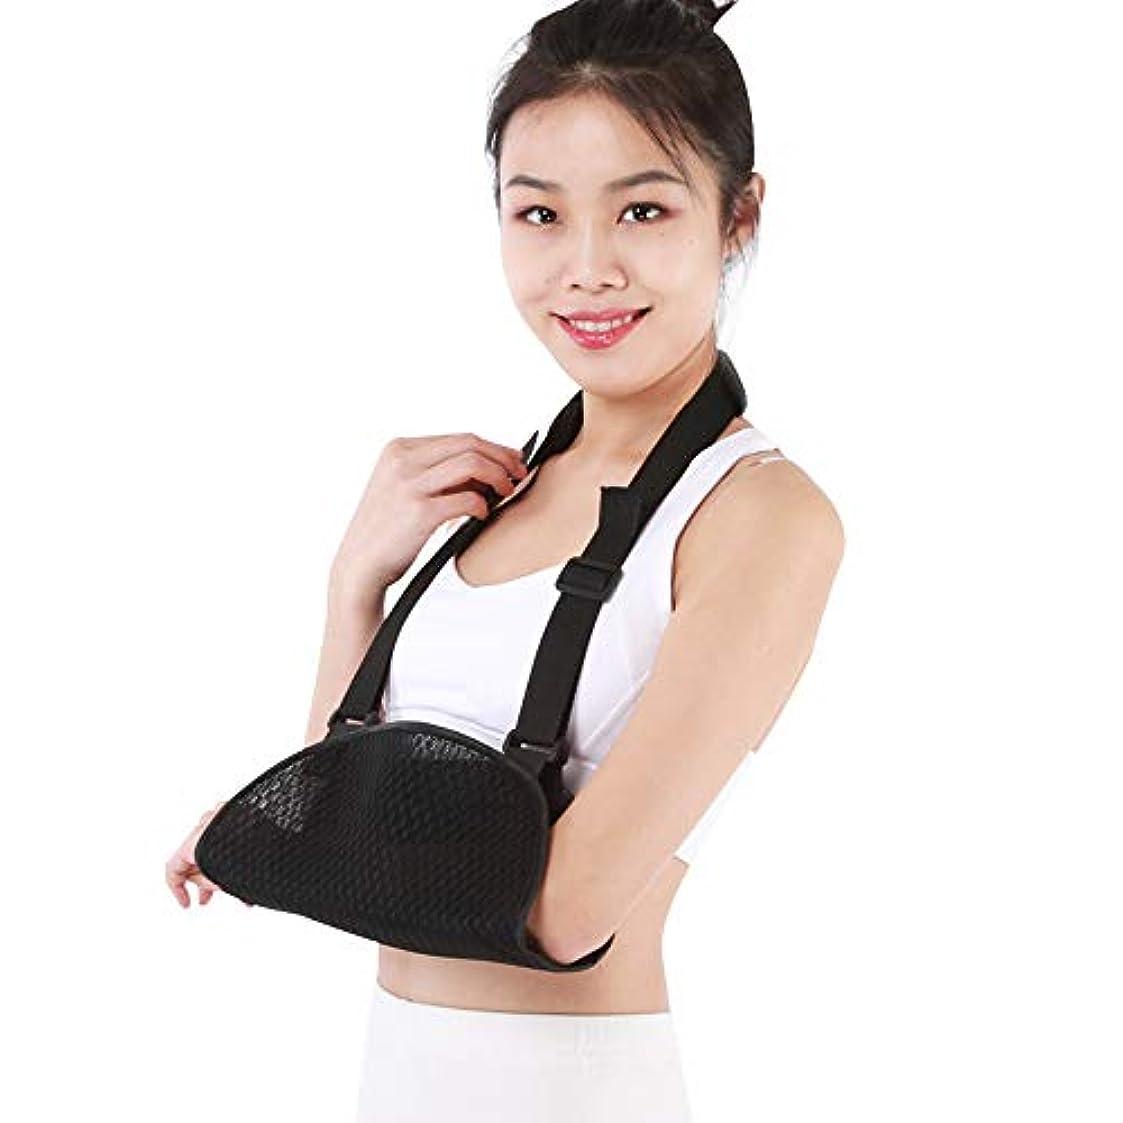 ルビー契約するハブブアームスリングメディカルサポートストラップ肩、腕、肘、男性と女性用の回旋腱板痛用の調整可能なスリングを備えた快適なイモビライザー